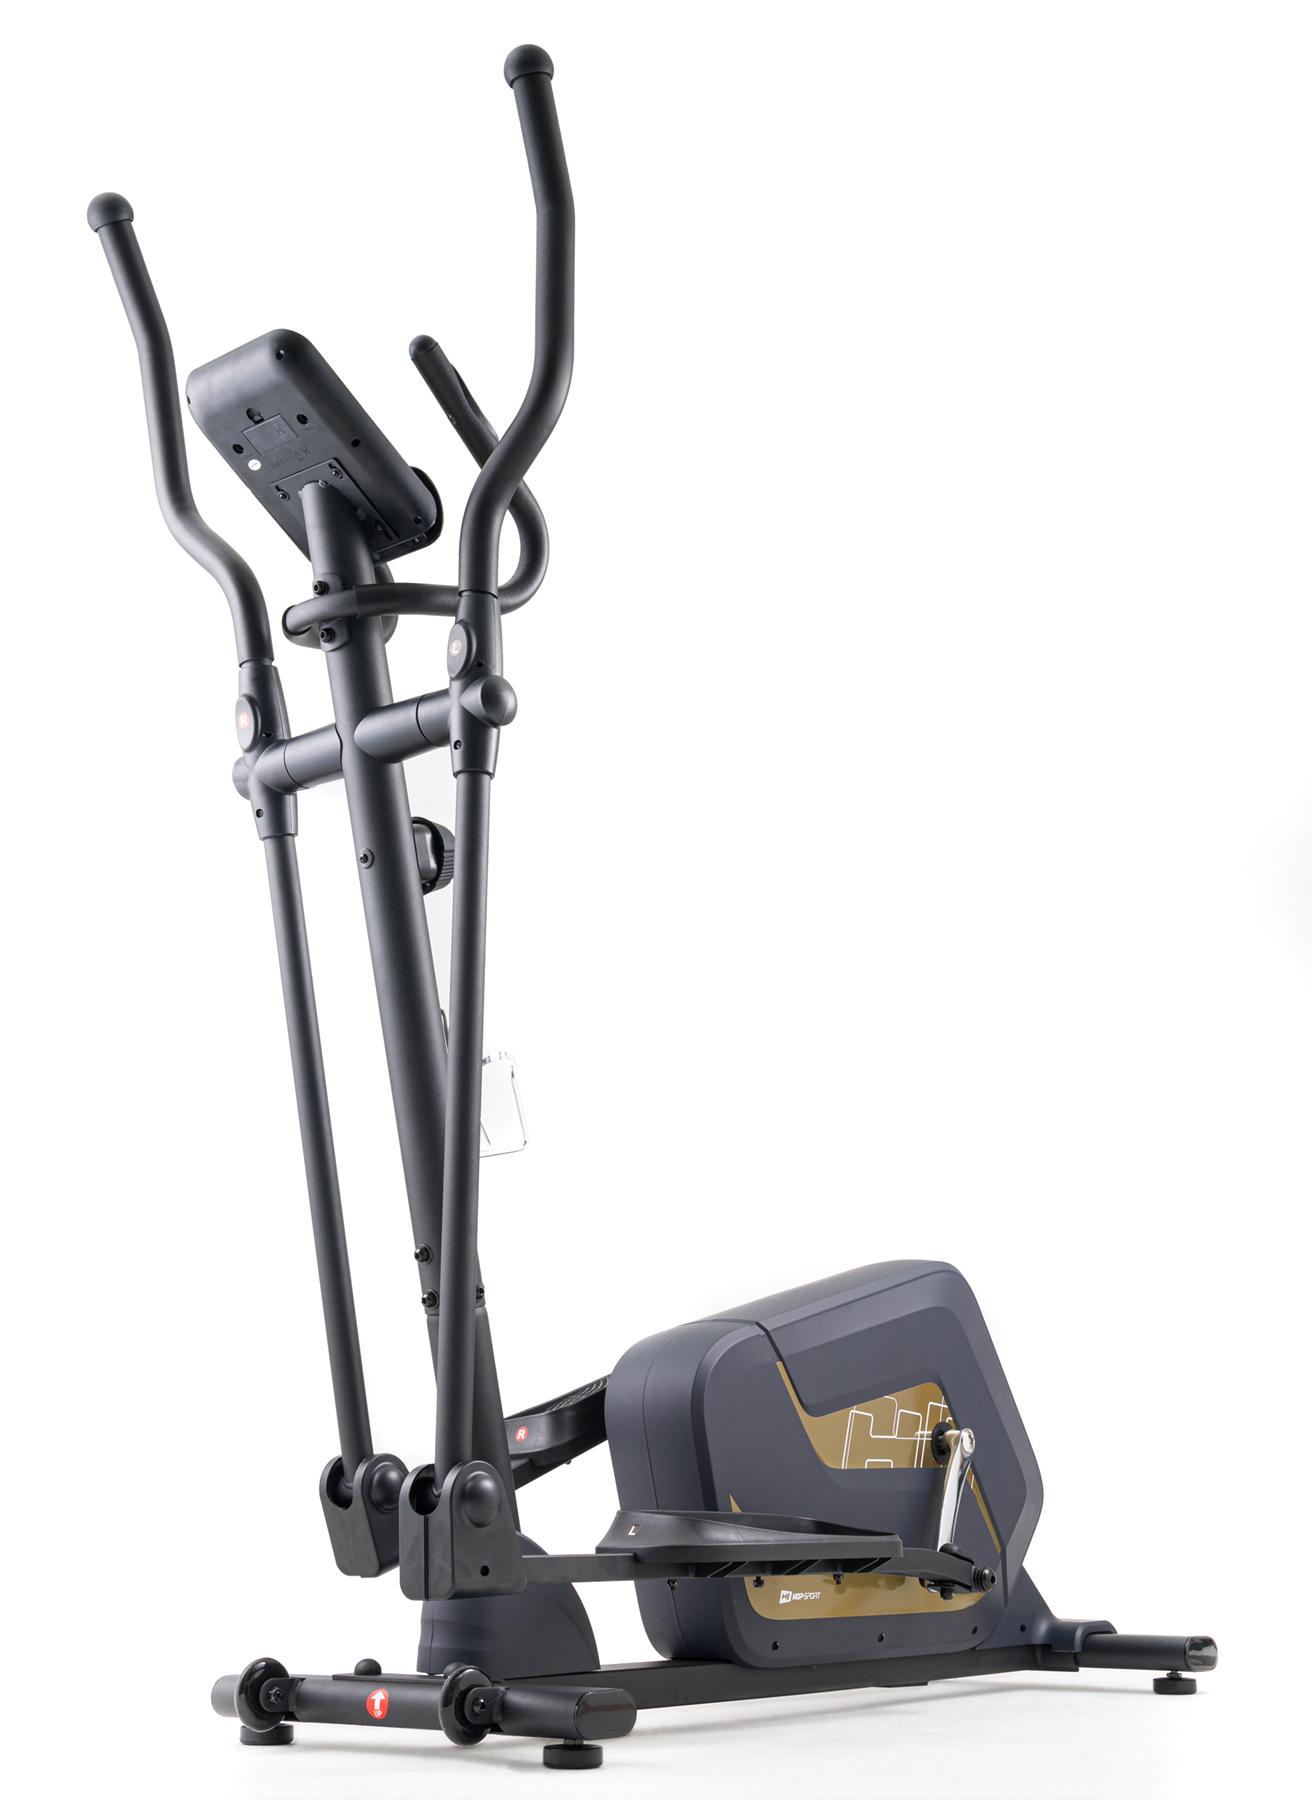 vidaXL Crosstrainer mit Pulsmessung Programmierbar Ellipsentrainer Heimtrainer